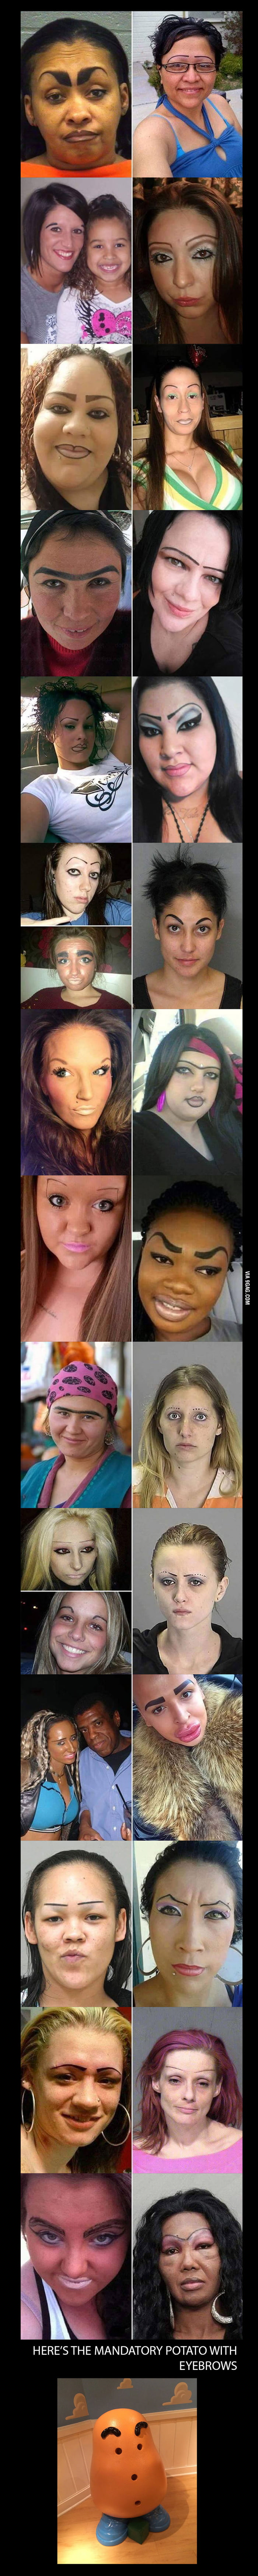 Eyebrows. Eyebrows everywhere.